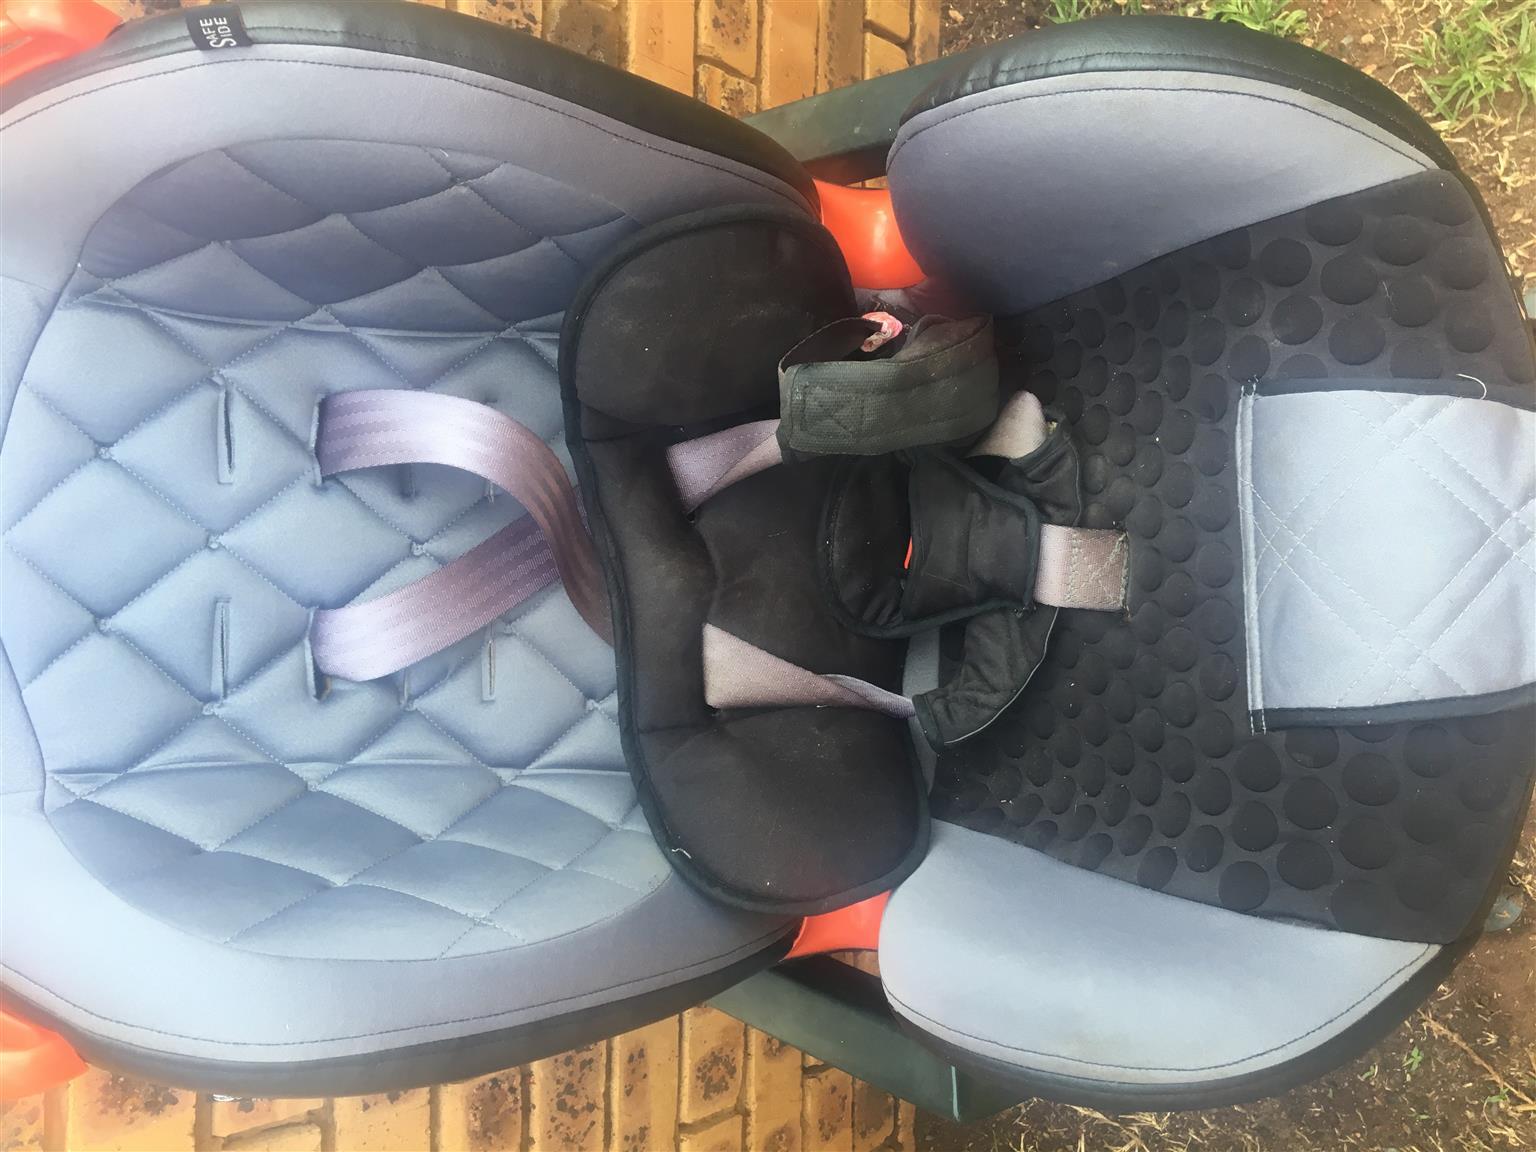 Bambino F1 car seat